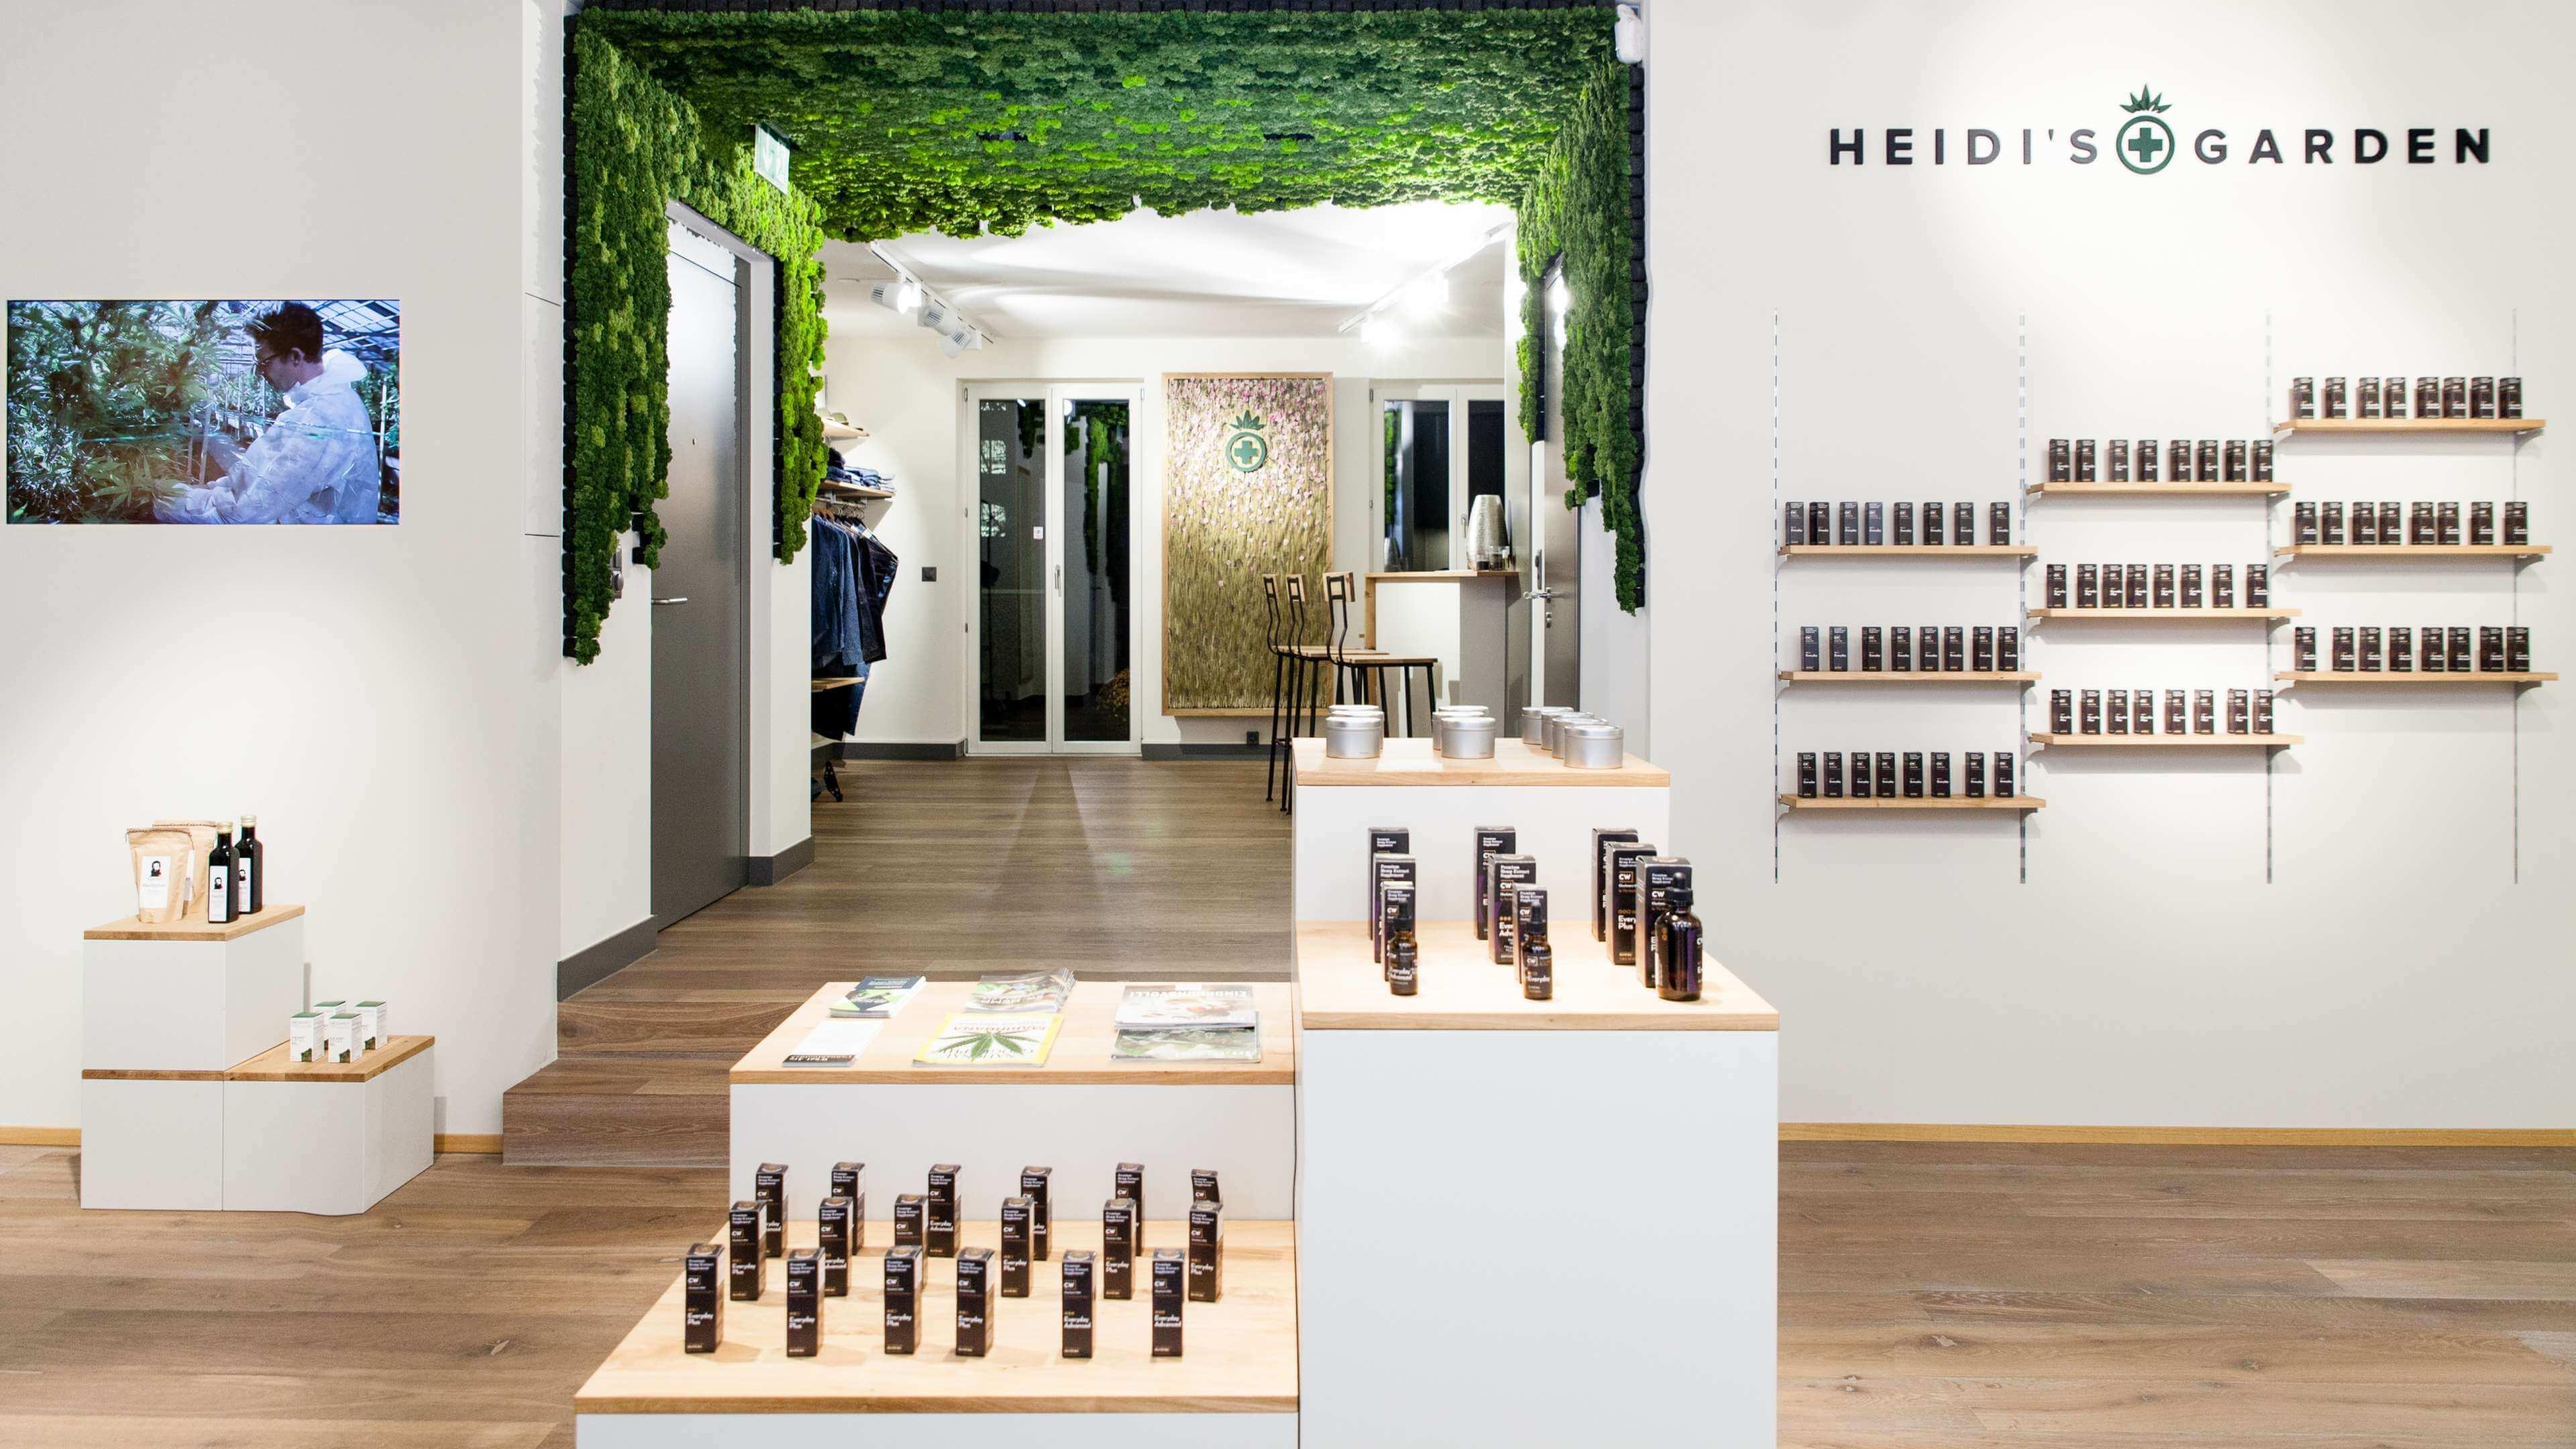 Heidis-Garden-CBD-Shop-Zurich-Kaufen-von-CBD-in-der-Schweiz-Sie-k-nnen-Cannabidiol-Produkte-entweder-als-Erg-nzung-als-Kosmetikartikel-oder-als-Zigarette-kaufen